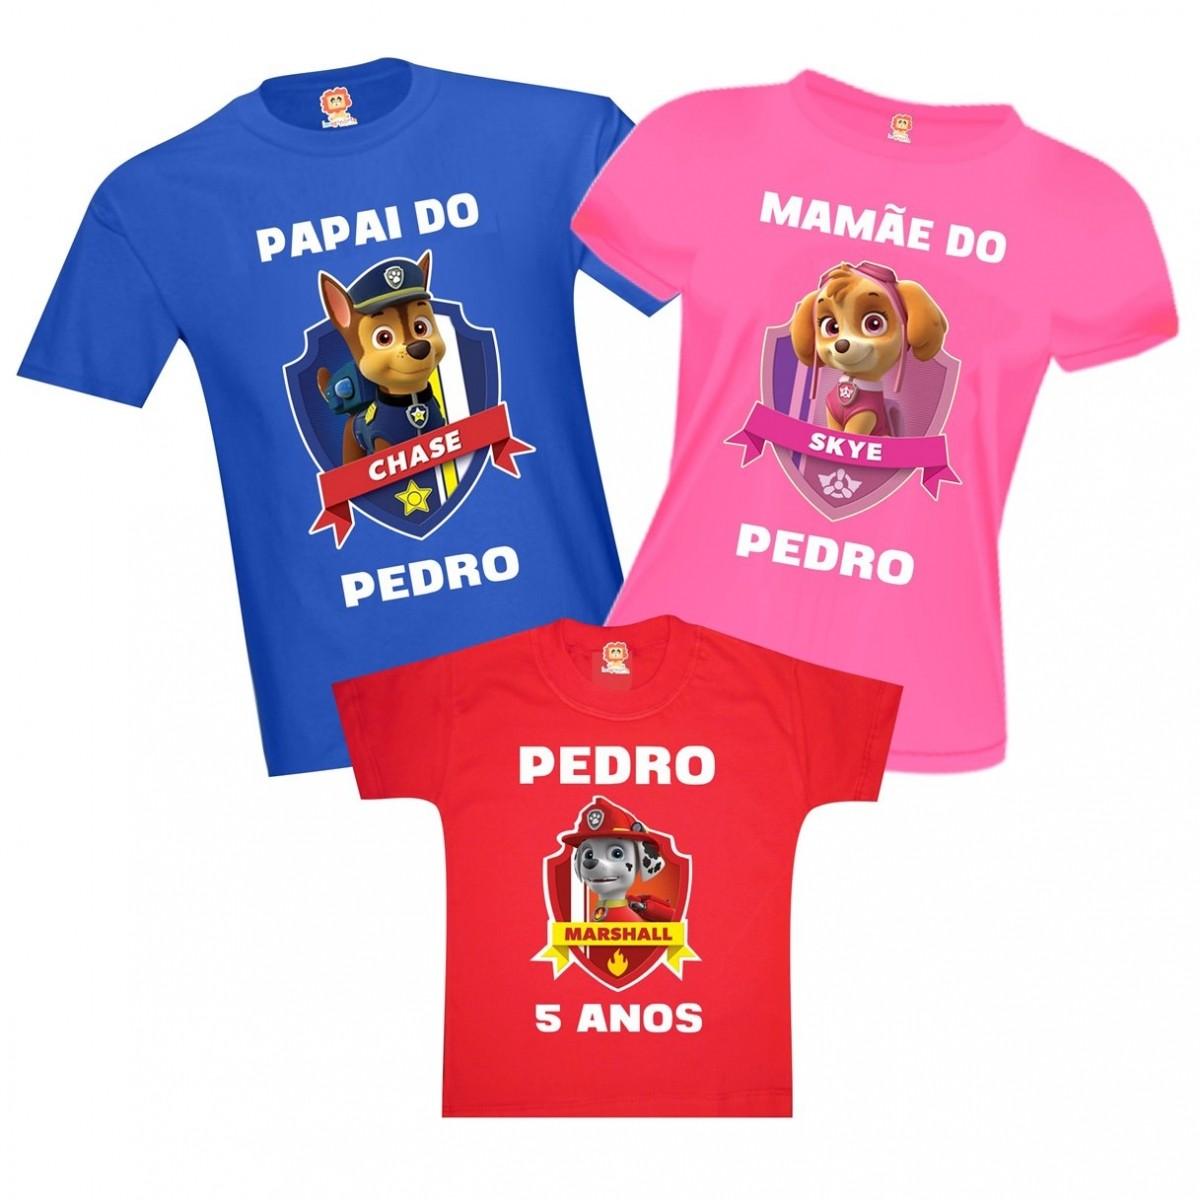 a5ee6a2207a89 Camisetas de Aniversário Patrulha Canina